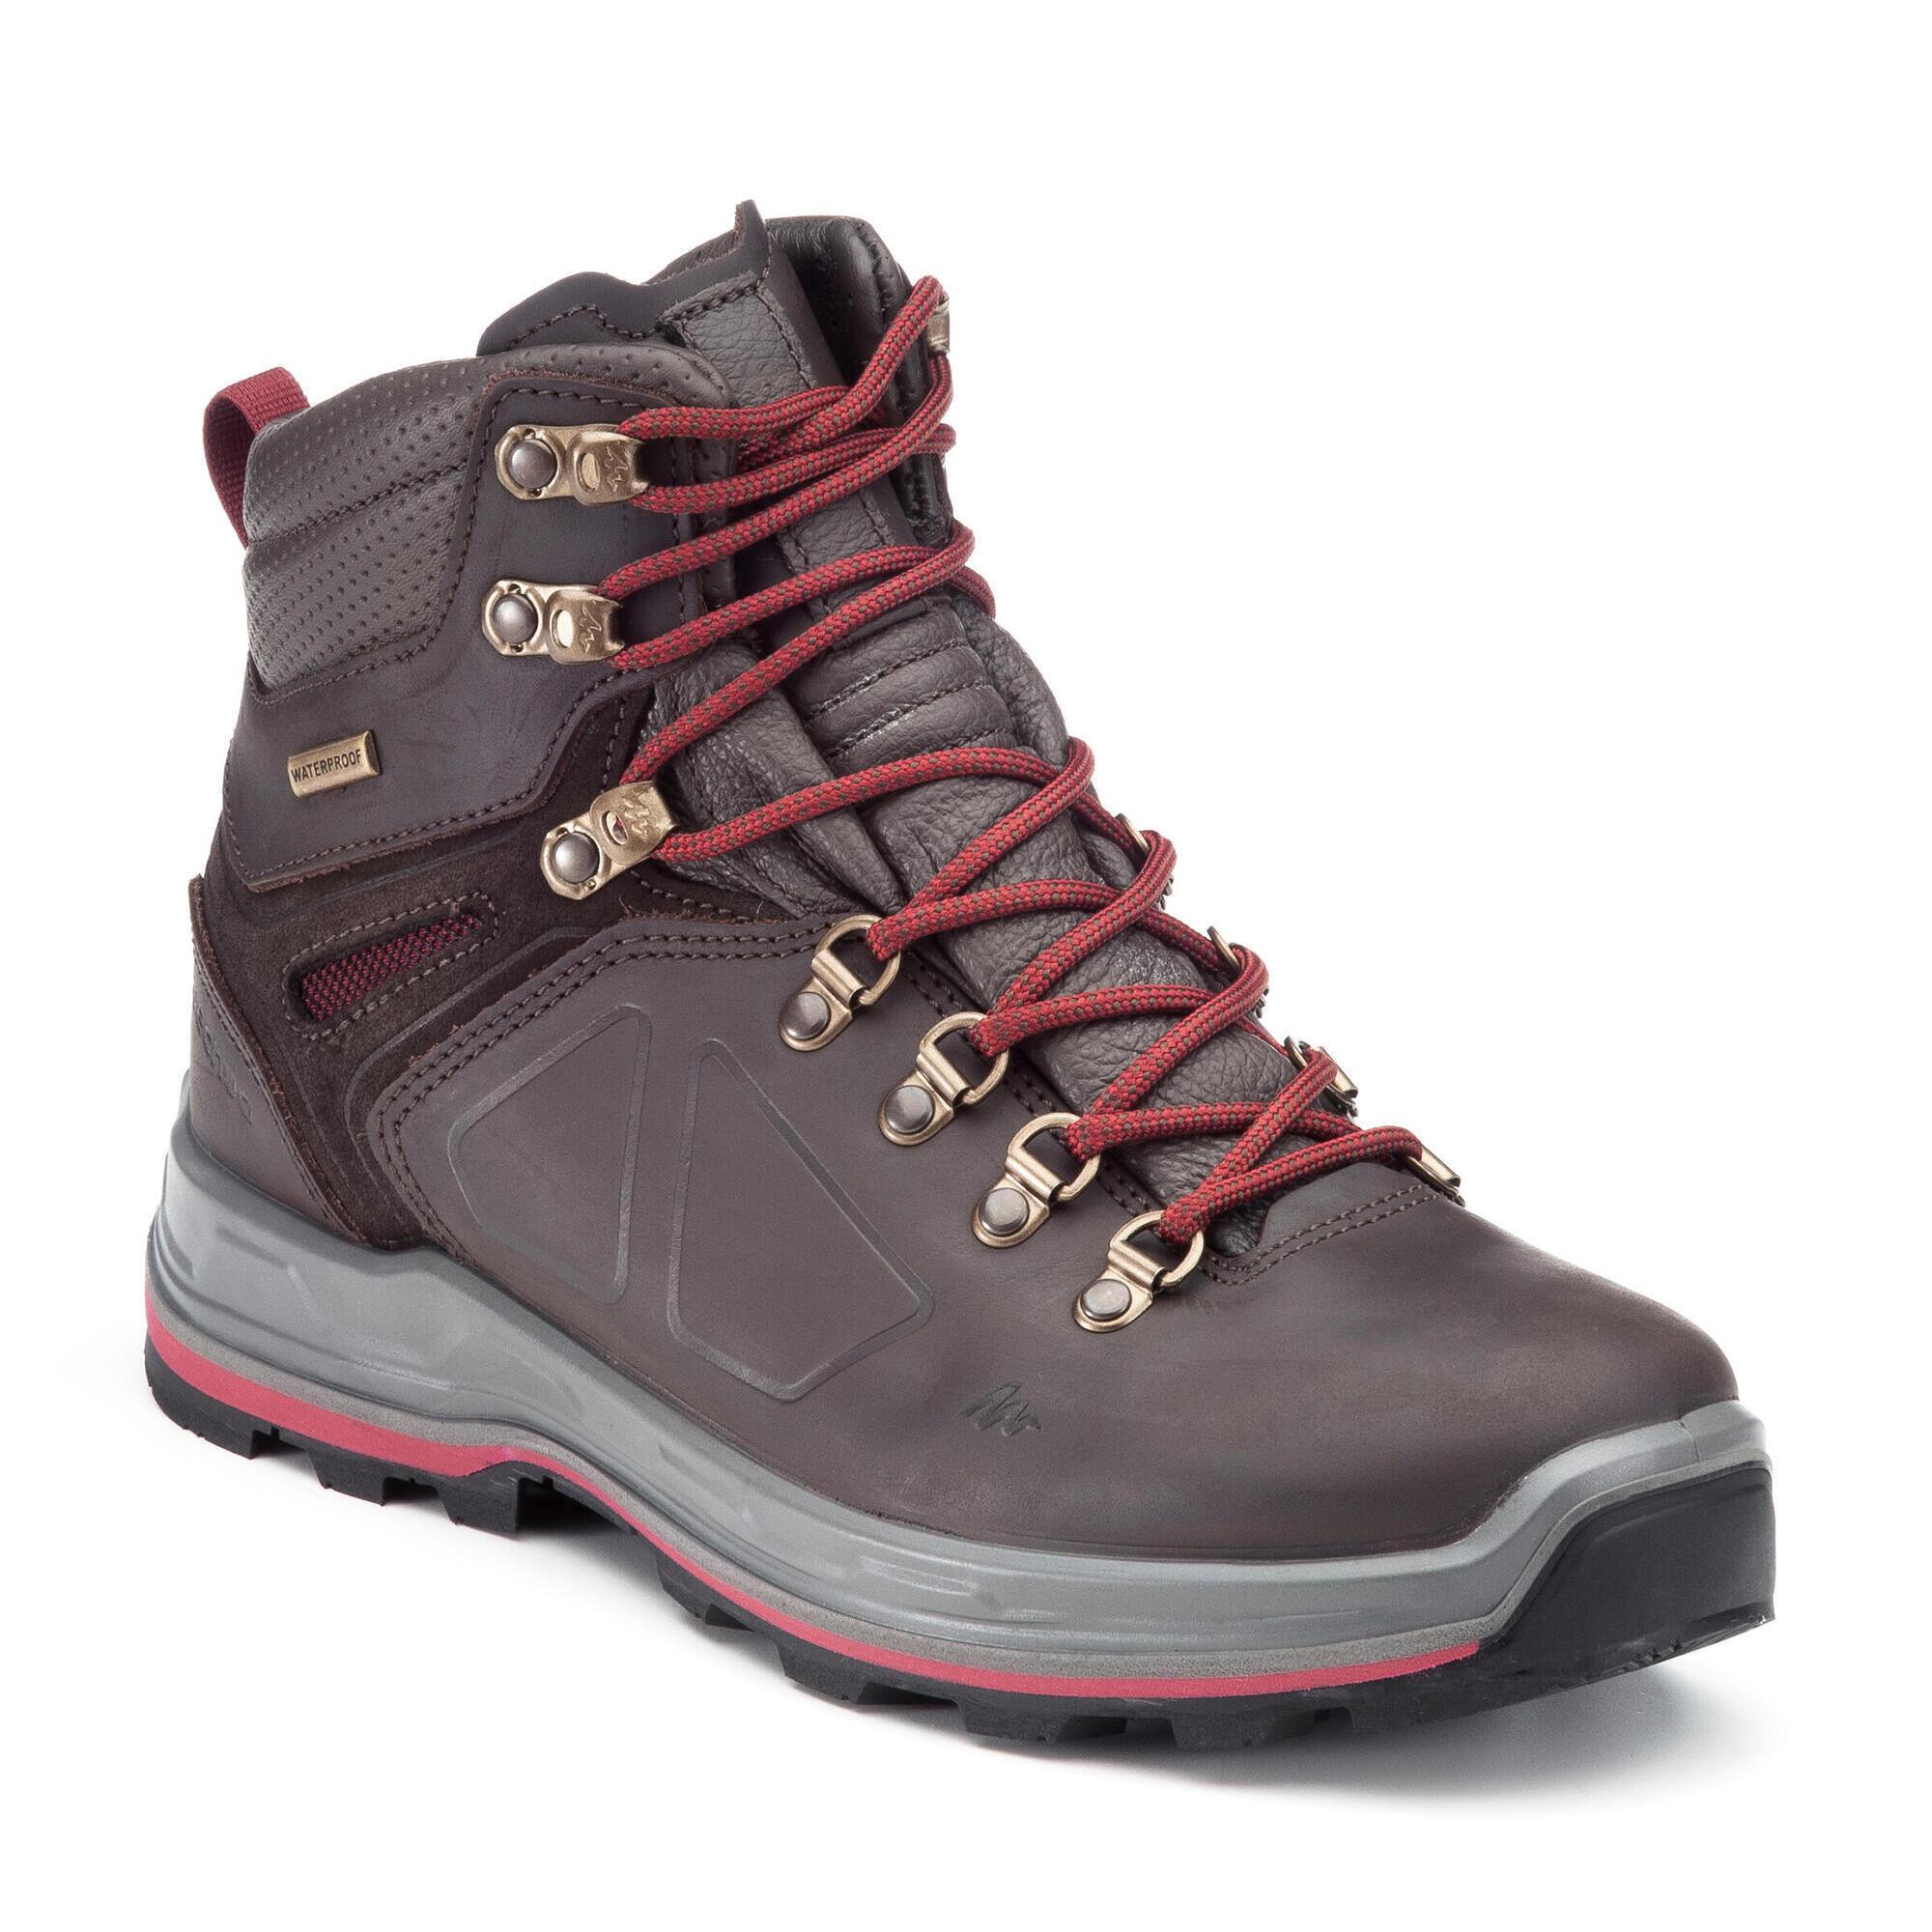 Quechua Chaussures de trekking montagne TREK500 femme - Quechua